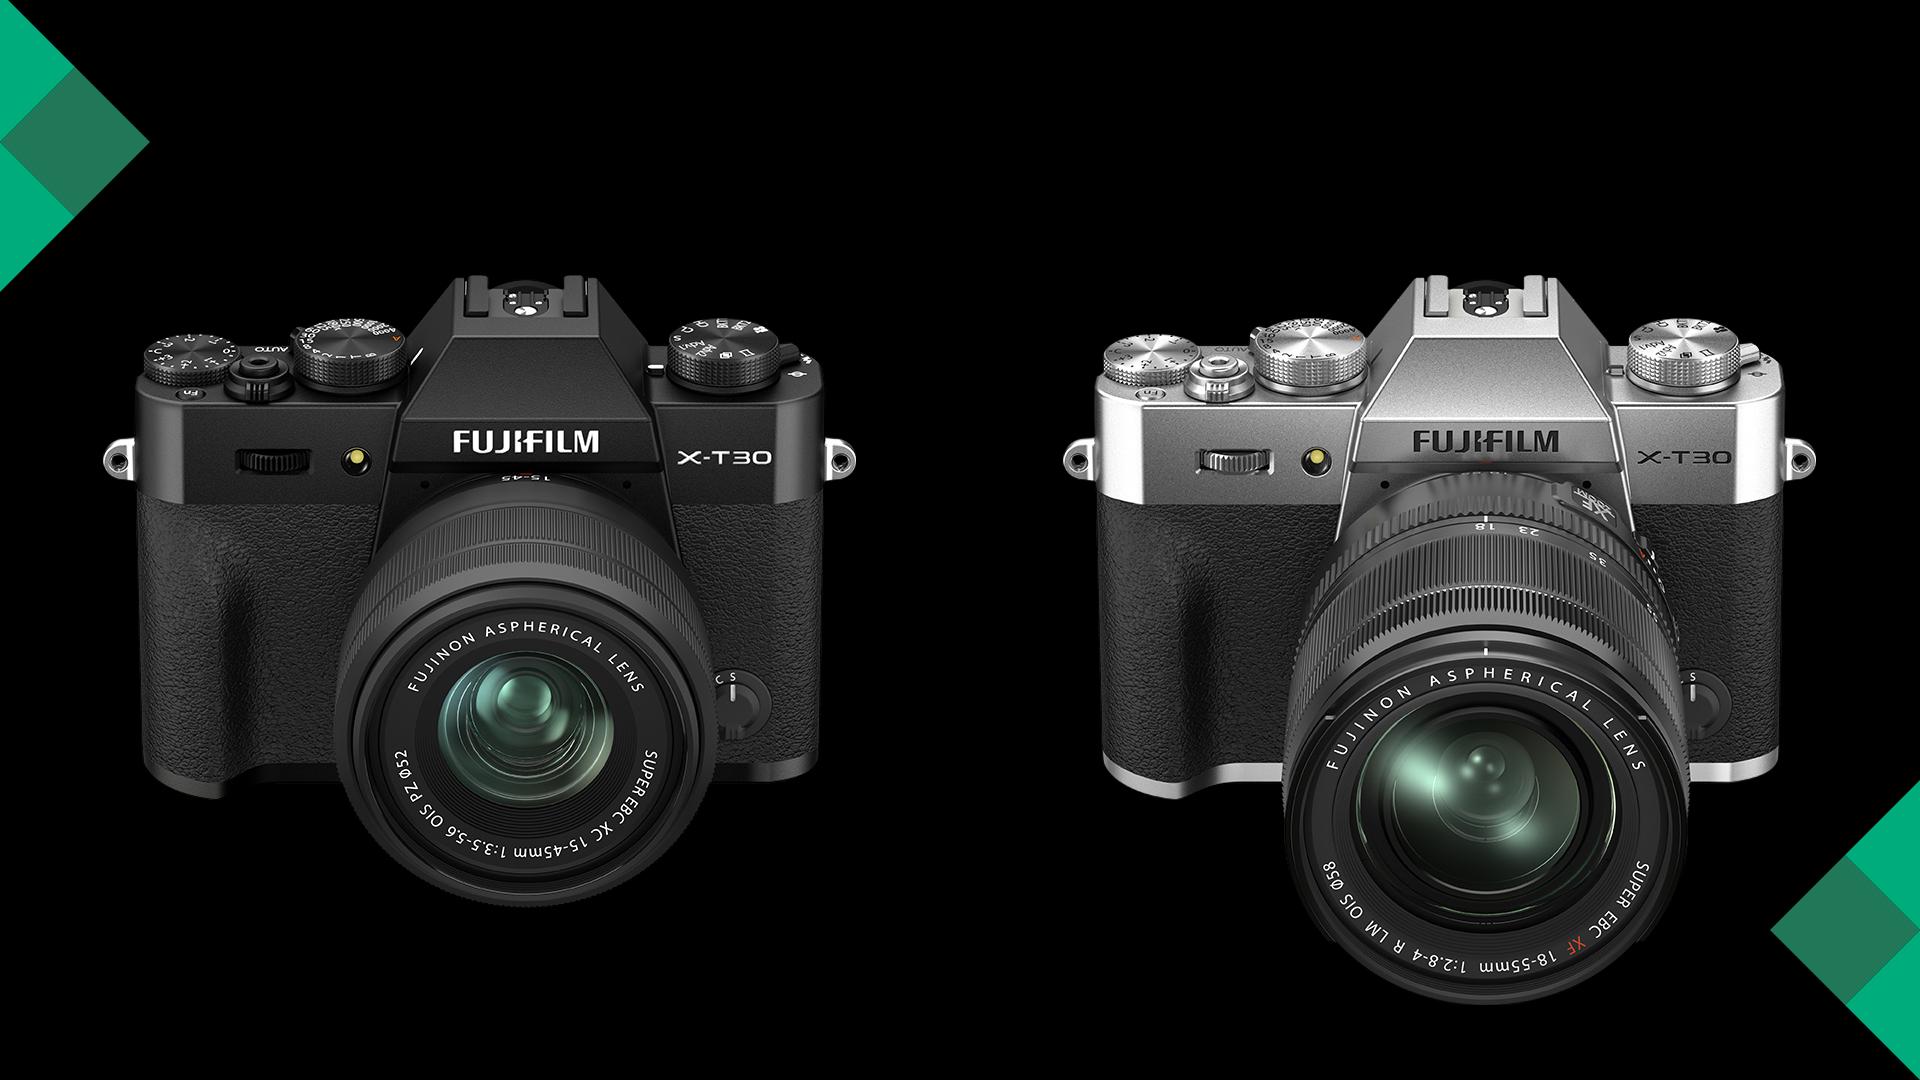 FUJIFILM X-T30 II in Black or Silver